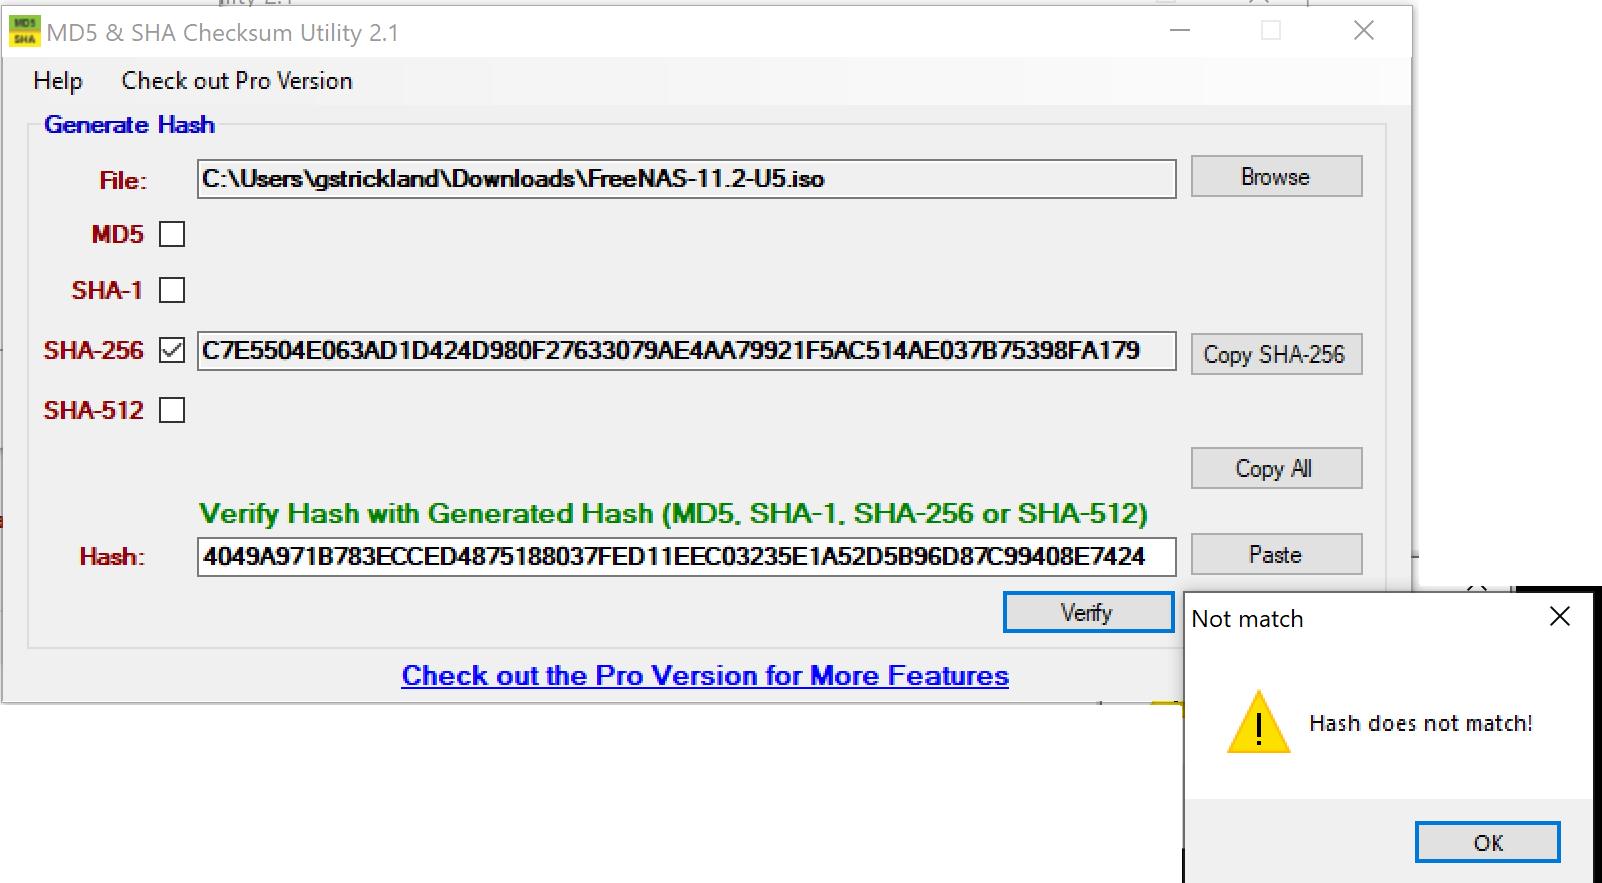 FreeNAS-11 2-U5 iso fails SHA256 check   iXsystems Community